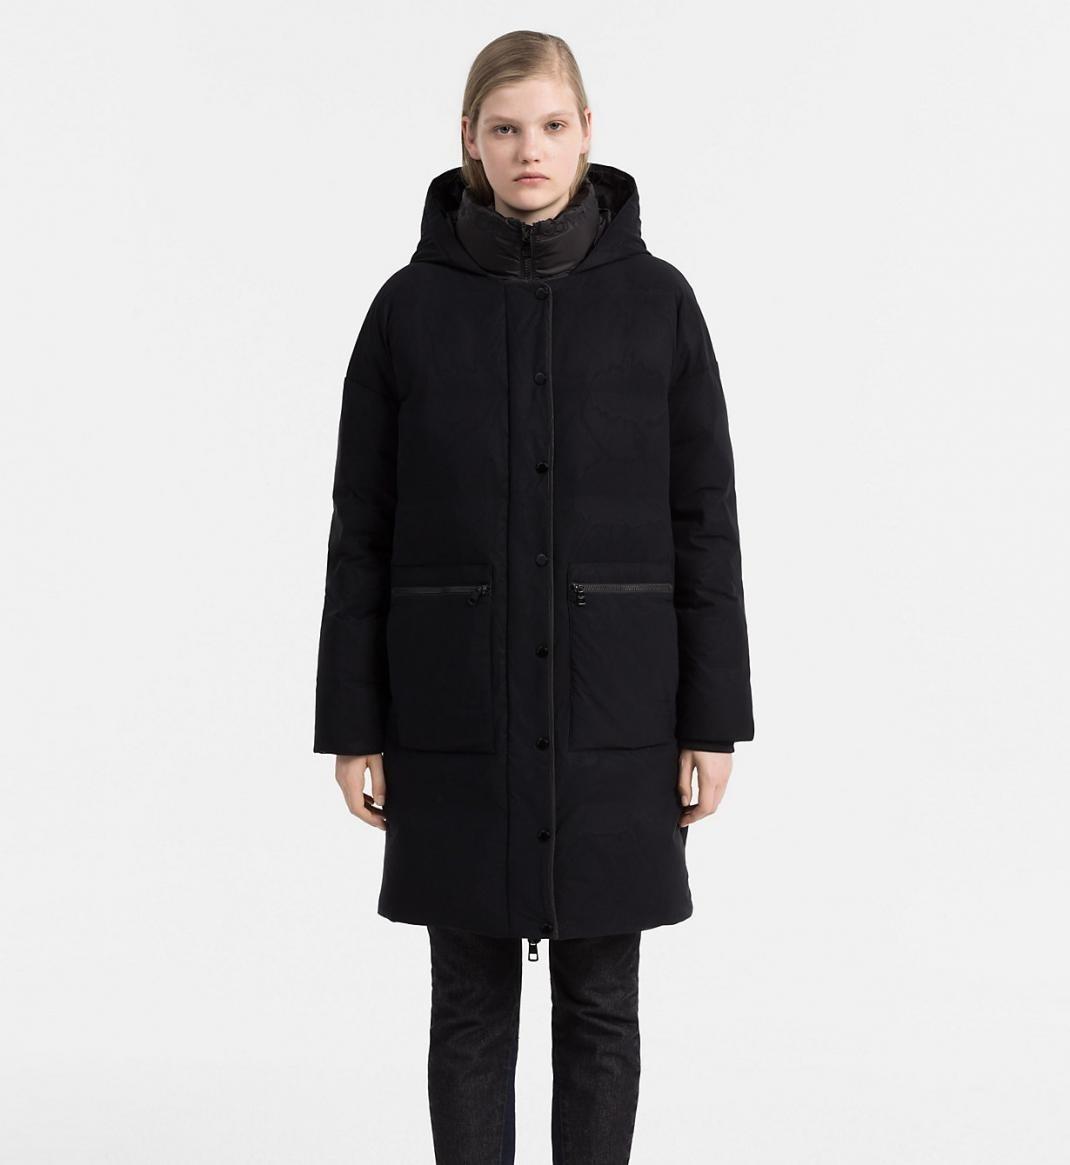 Calvin Klein dámský černý péřový kabát - S (99)